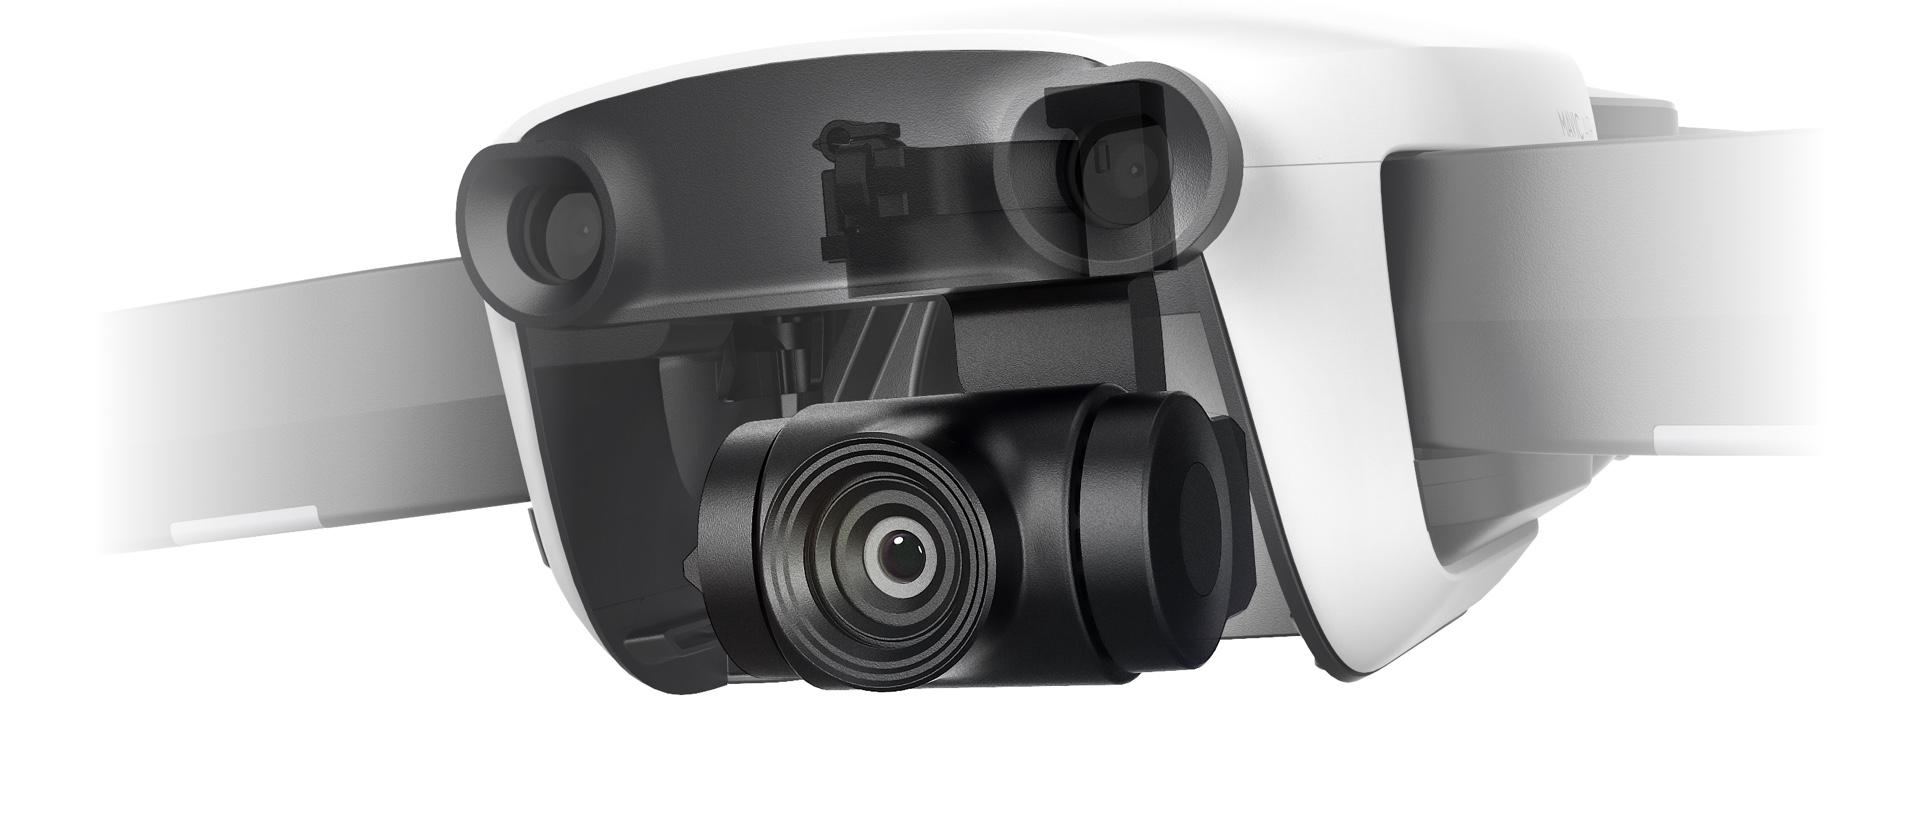 очки для виртуальной реальности фото